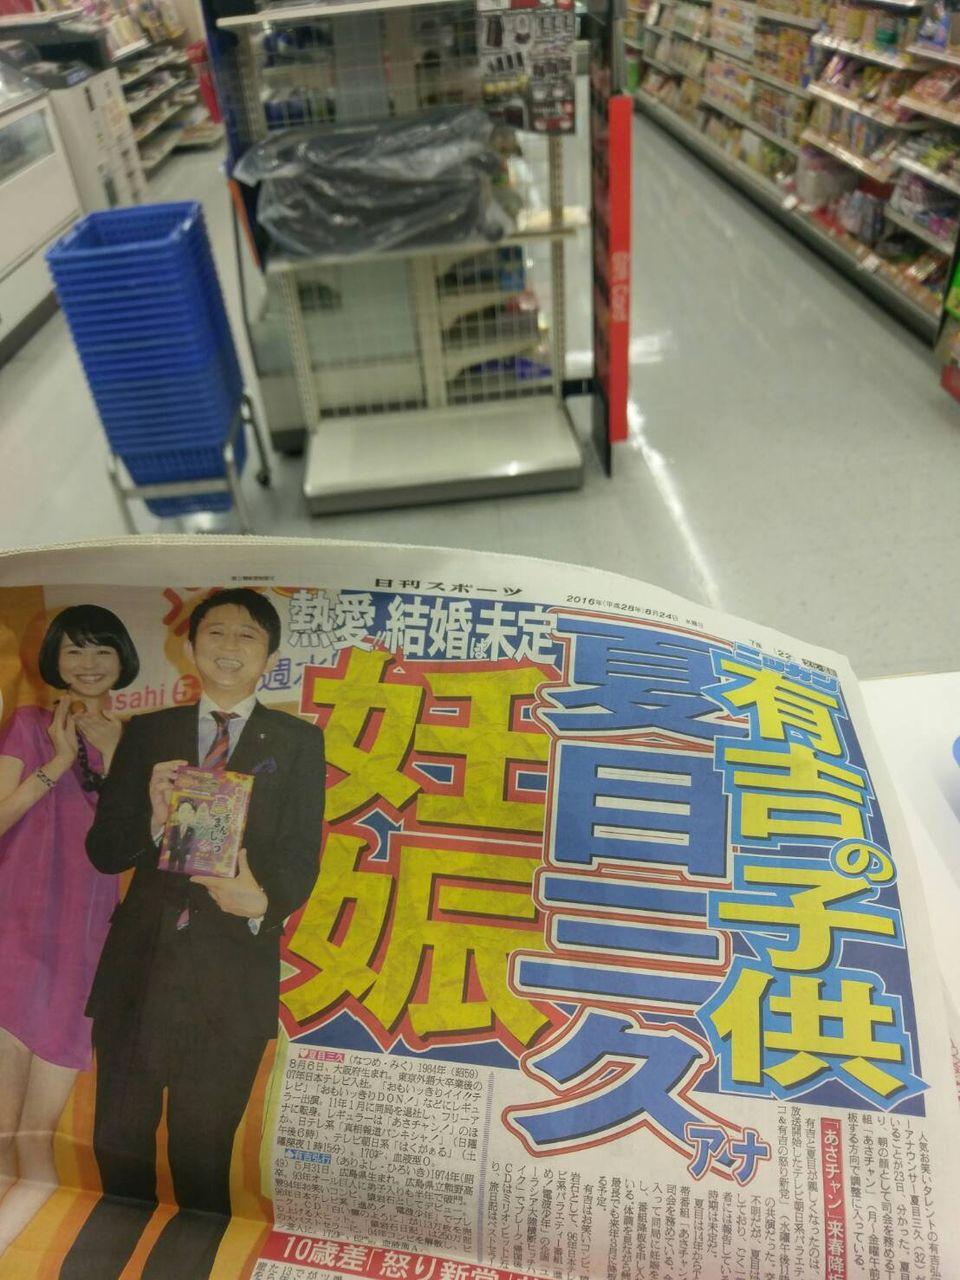 【速報】有吉弘行と夏目三久アナの熱愛妊娠発覚!小嶋さん・・・